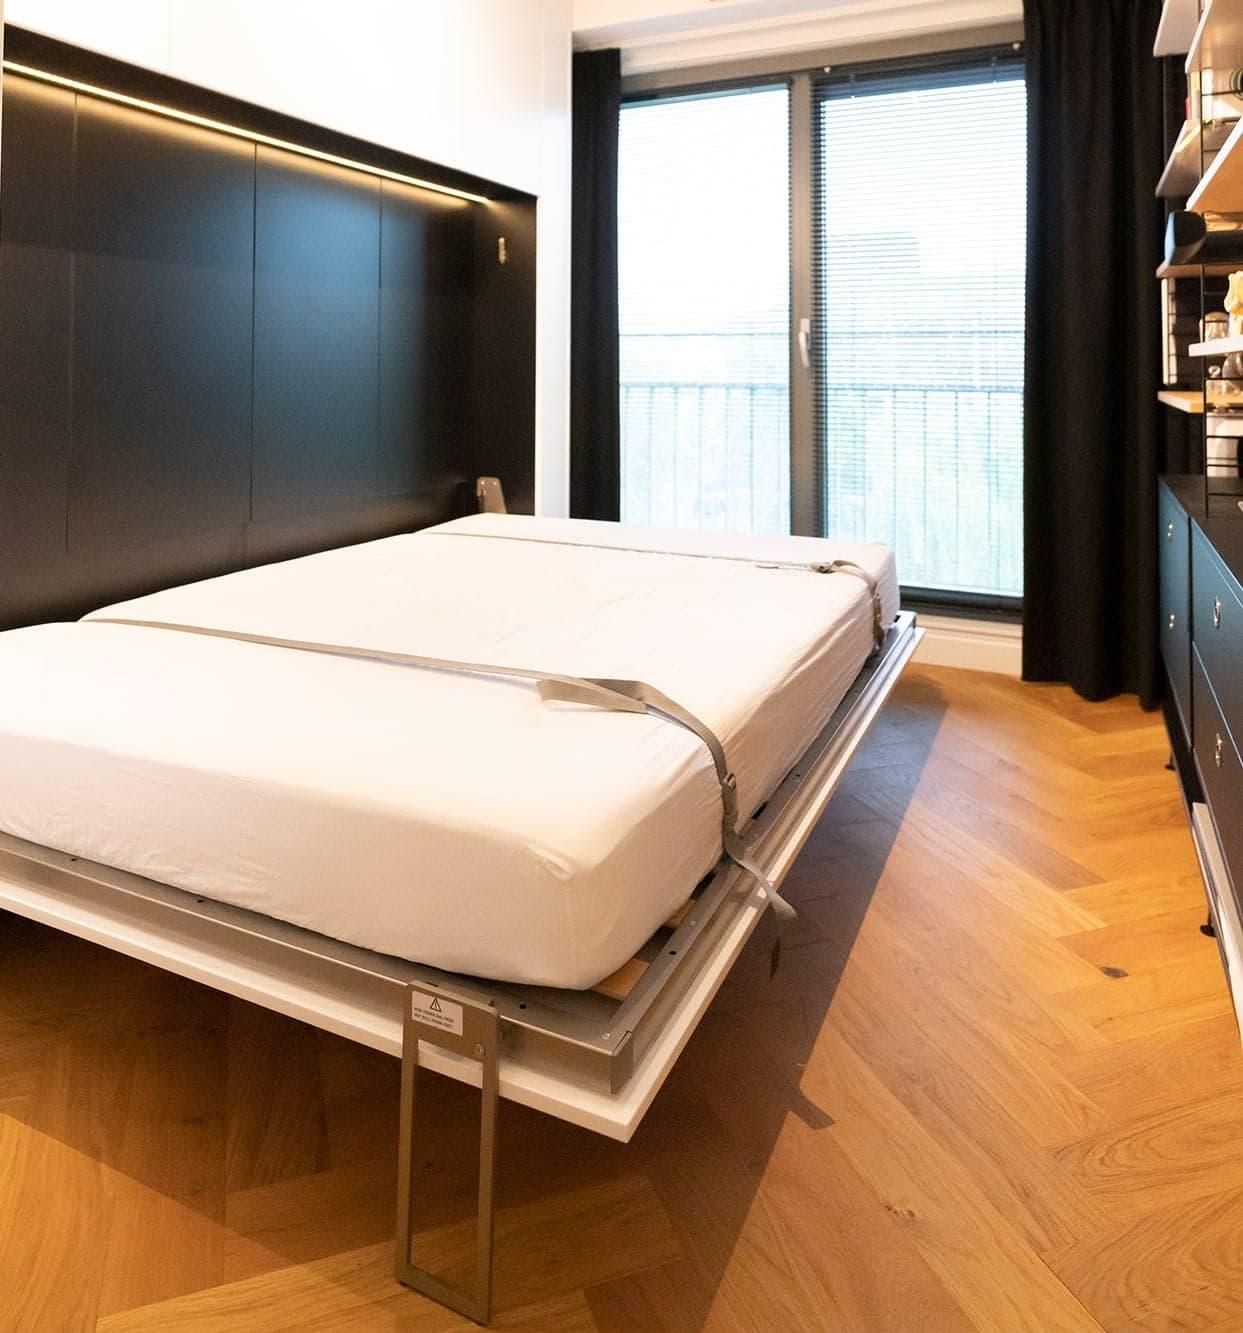 Atelier19 Inklapbed Kast Op Maat gemaakt door interieurbouwer Delft